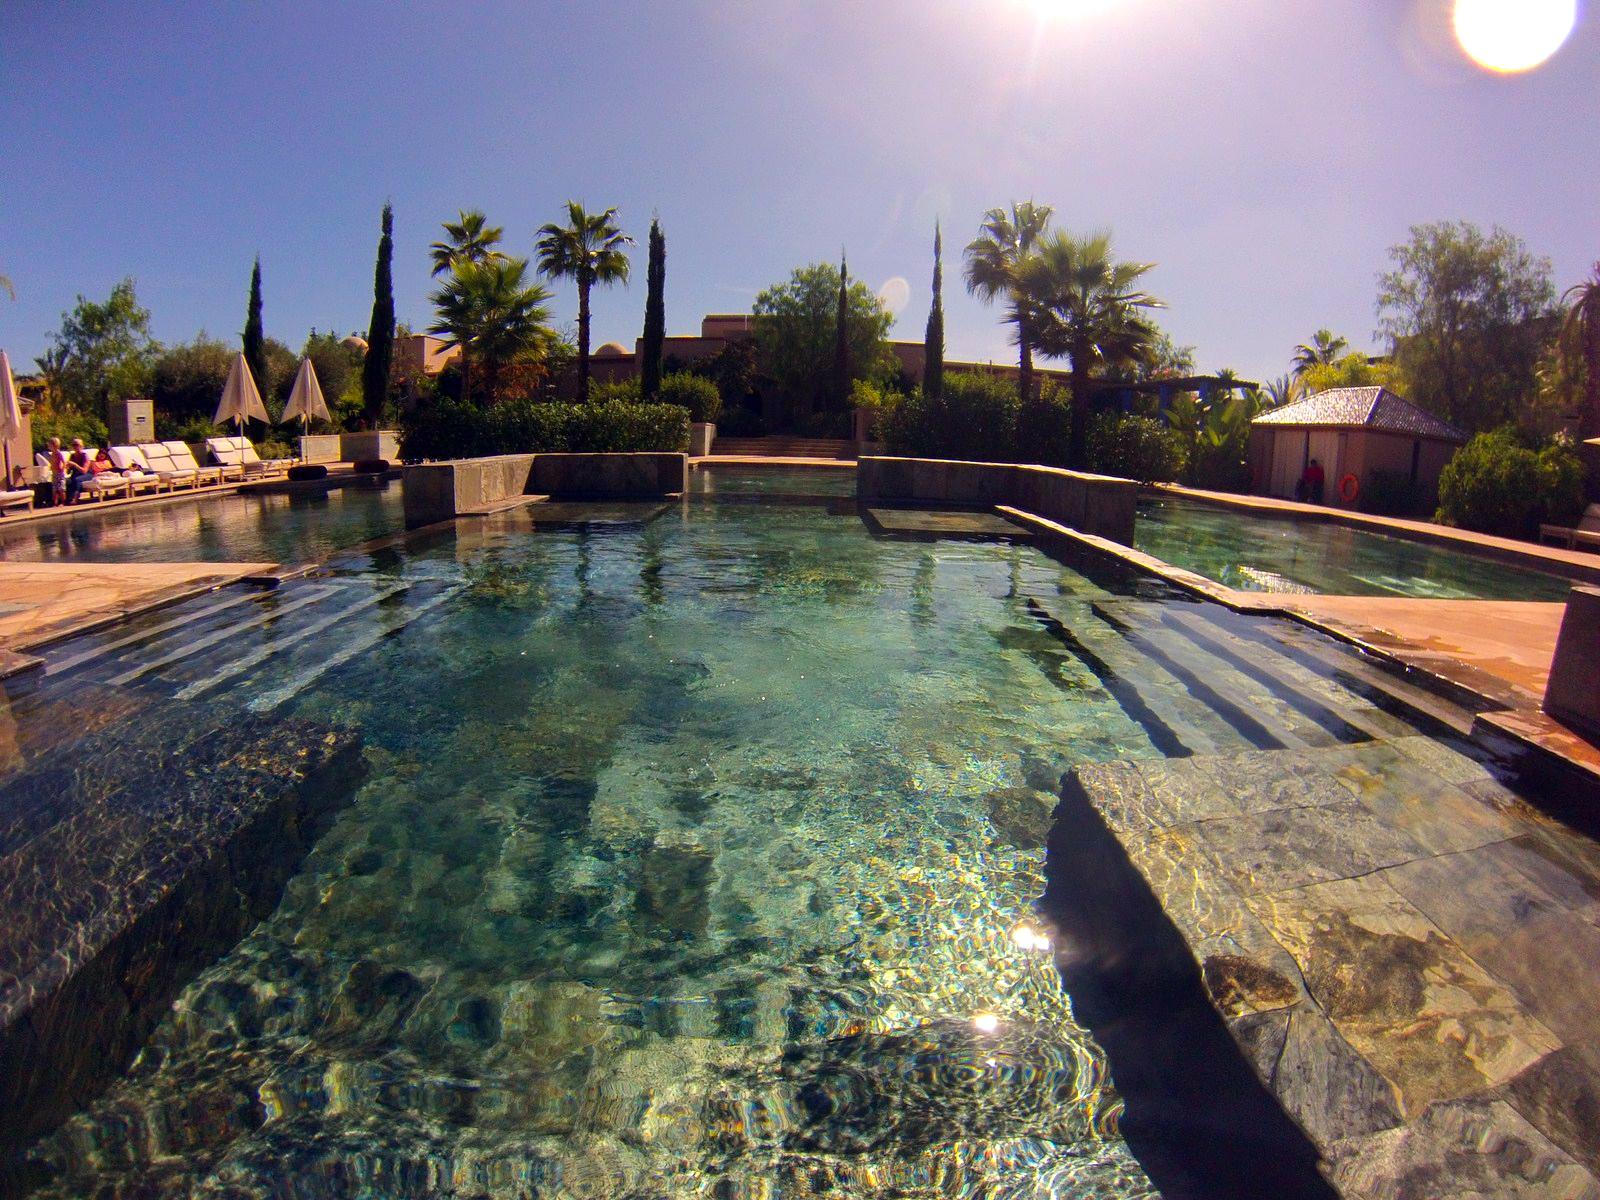 Habitaciones del Four Seasons Marrakech four seasons marrakech - 15905967571 b9e8090d74 h - Four Seasons Marrakech, oasis en la ciudad roja